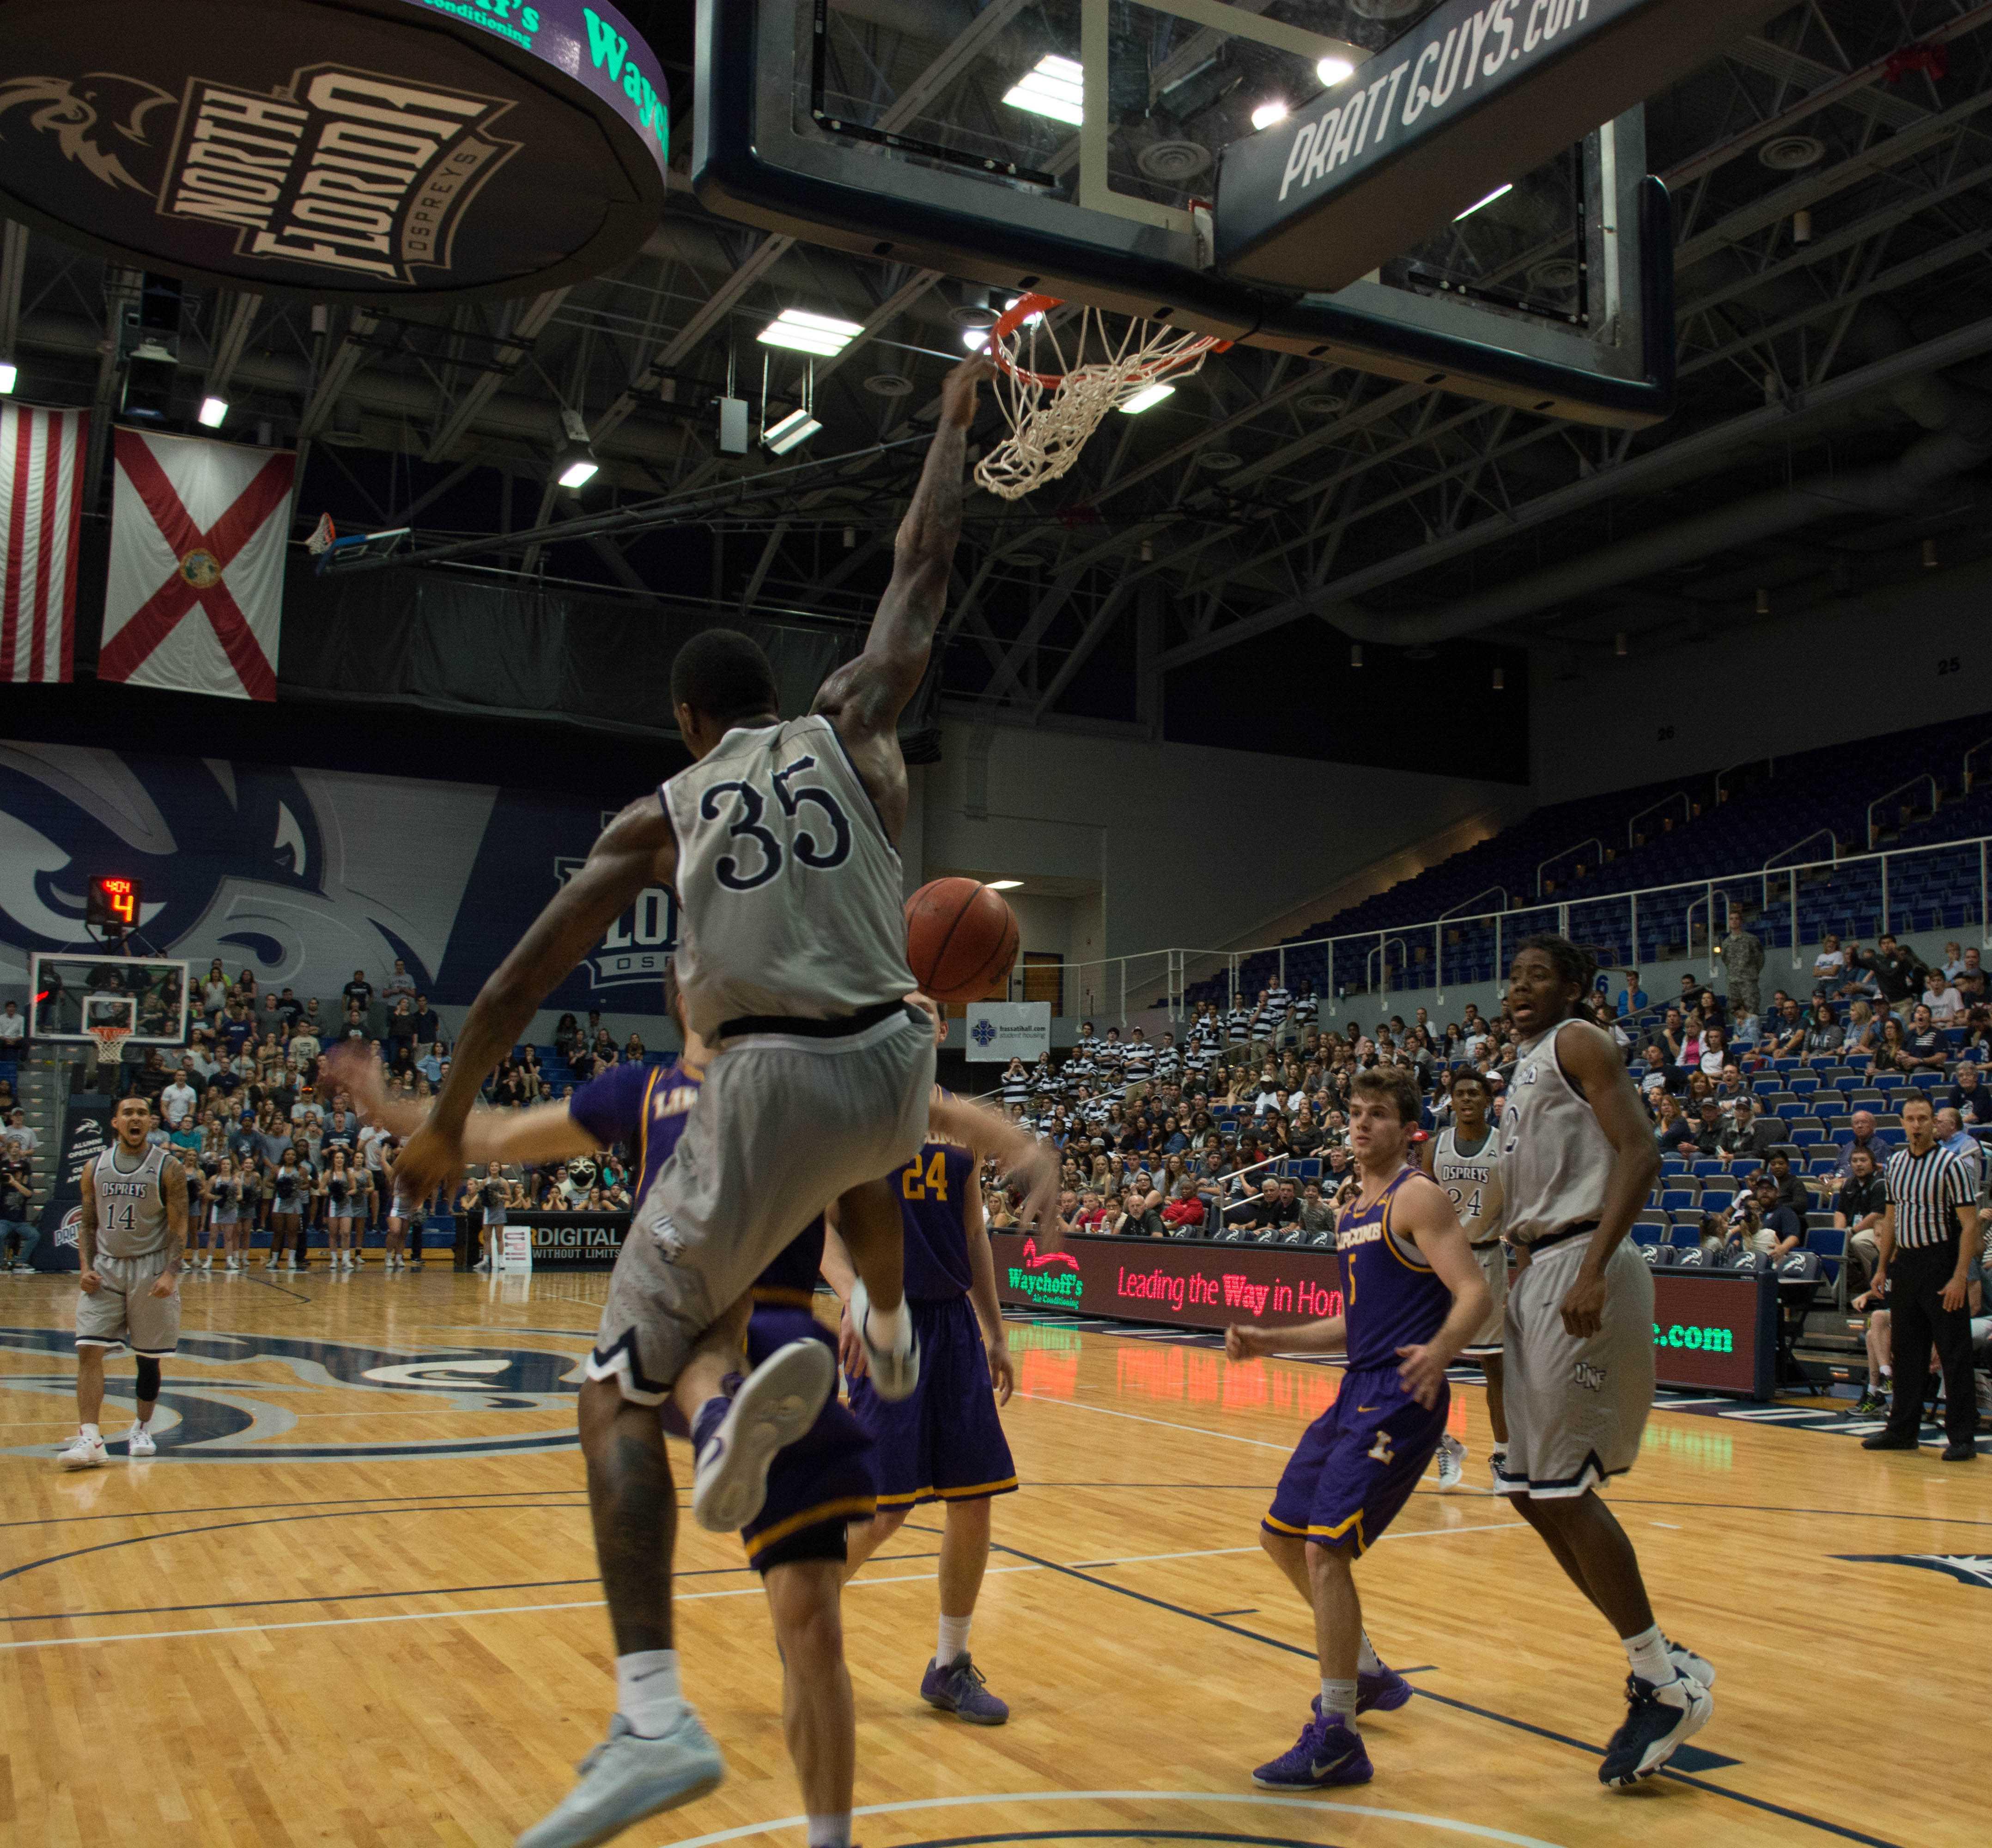 Ospreys defeat Bisons 90-84